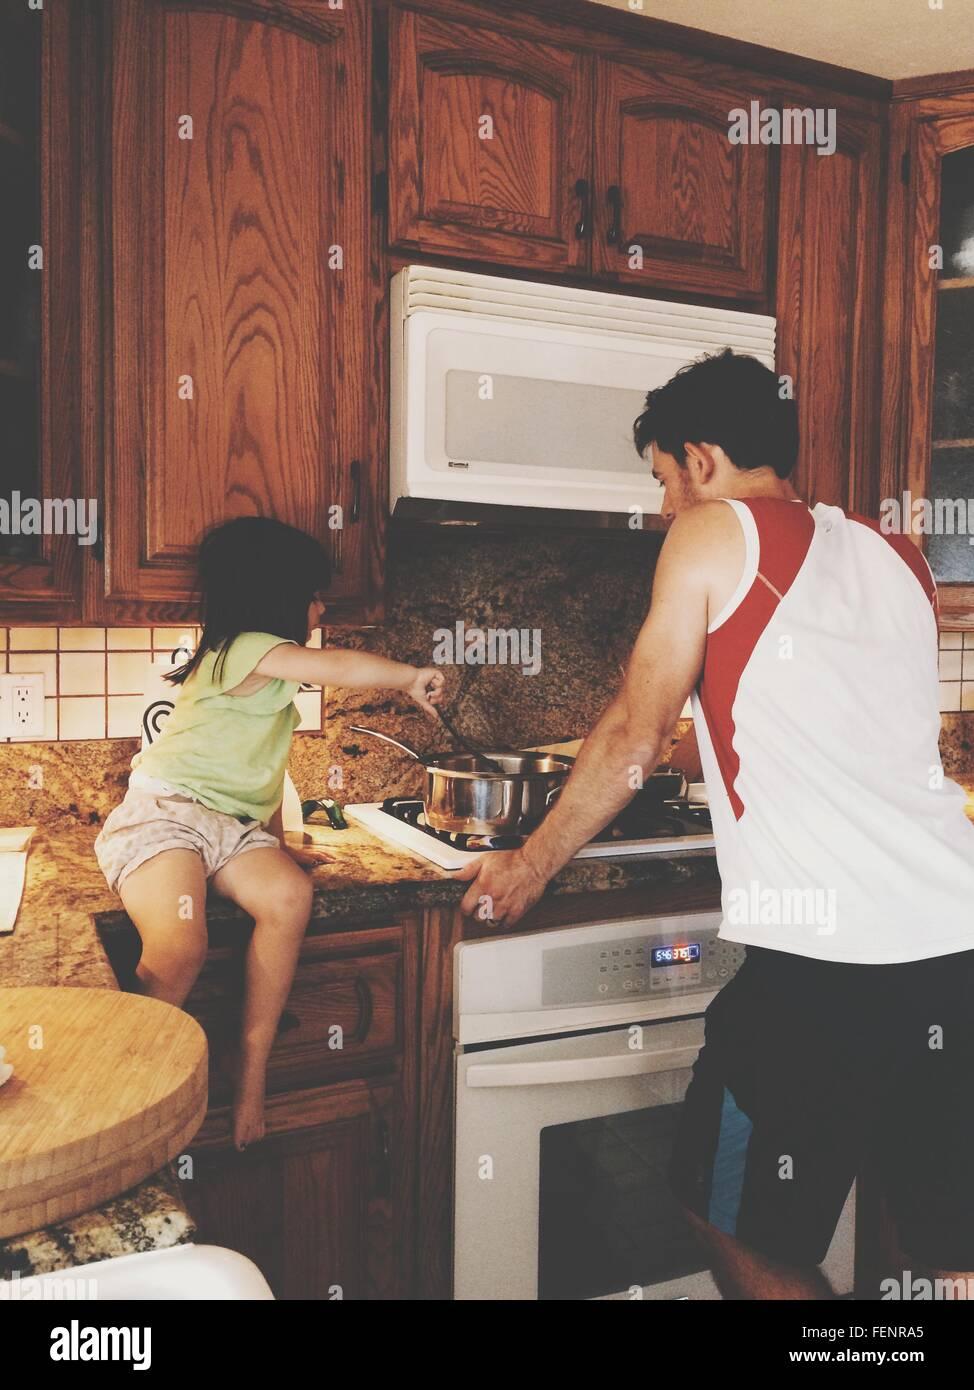 Ragazza con il Padre per la cottura di alimenti in cucina Immagini Stock